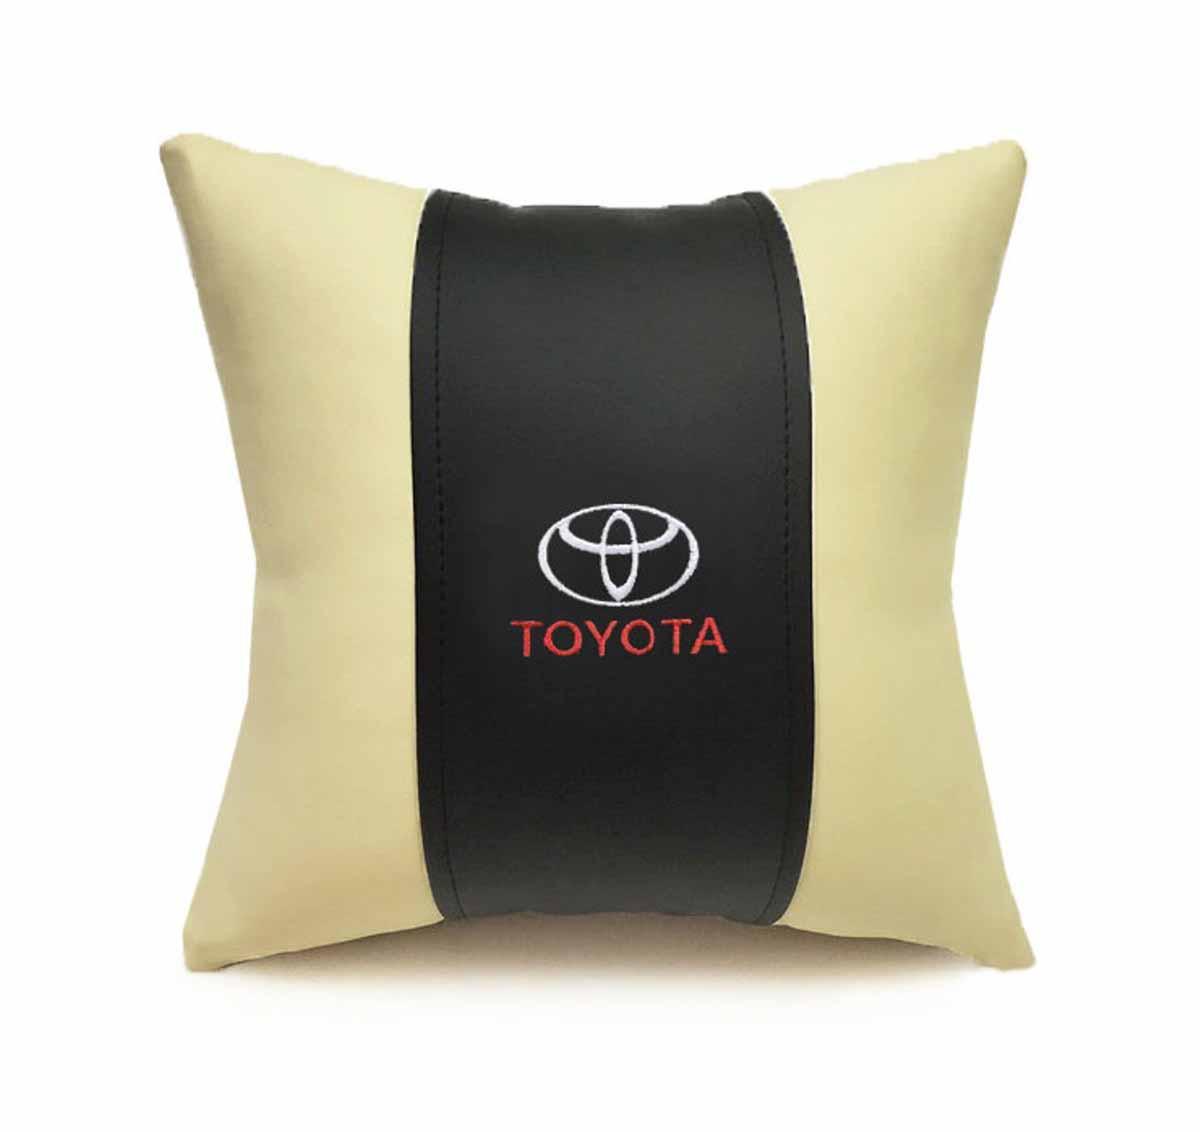 Подушка декоративная Auto premium TOYOTA, цвет: черно-бежевый. 3705237052Подушка в машину с вышивкой автологотипа - отличное дополнение для салона Вашего авто. Мягкая подушка изготовлена из матовой экокожи будет удобна пассажиру. К тому же не перестанет радовать Вас своим видом. Оптимальный размер подушки (30х30) не загромождает салон автомобиля.